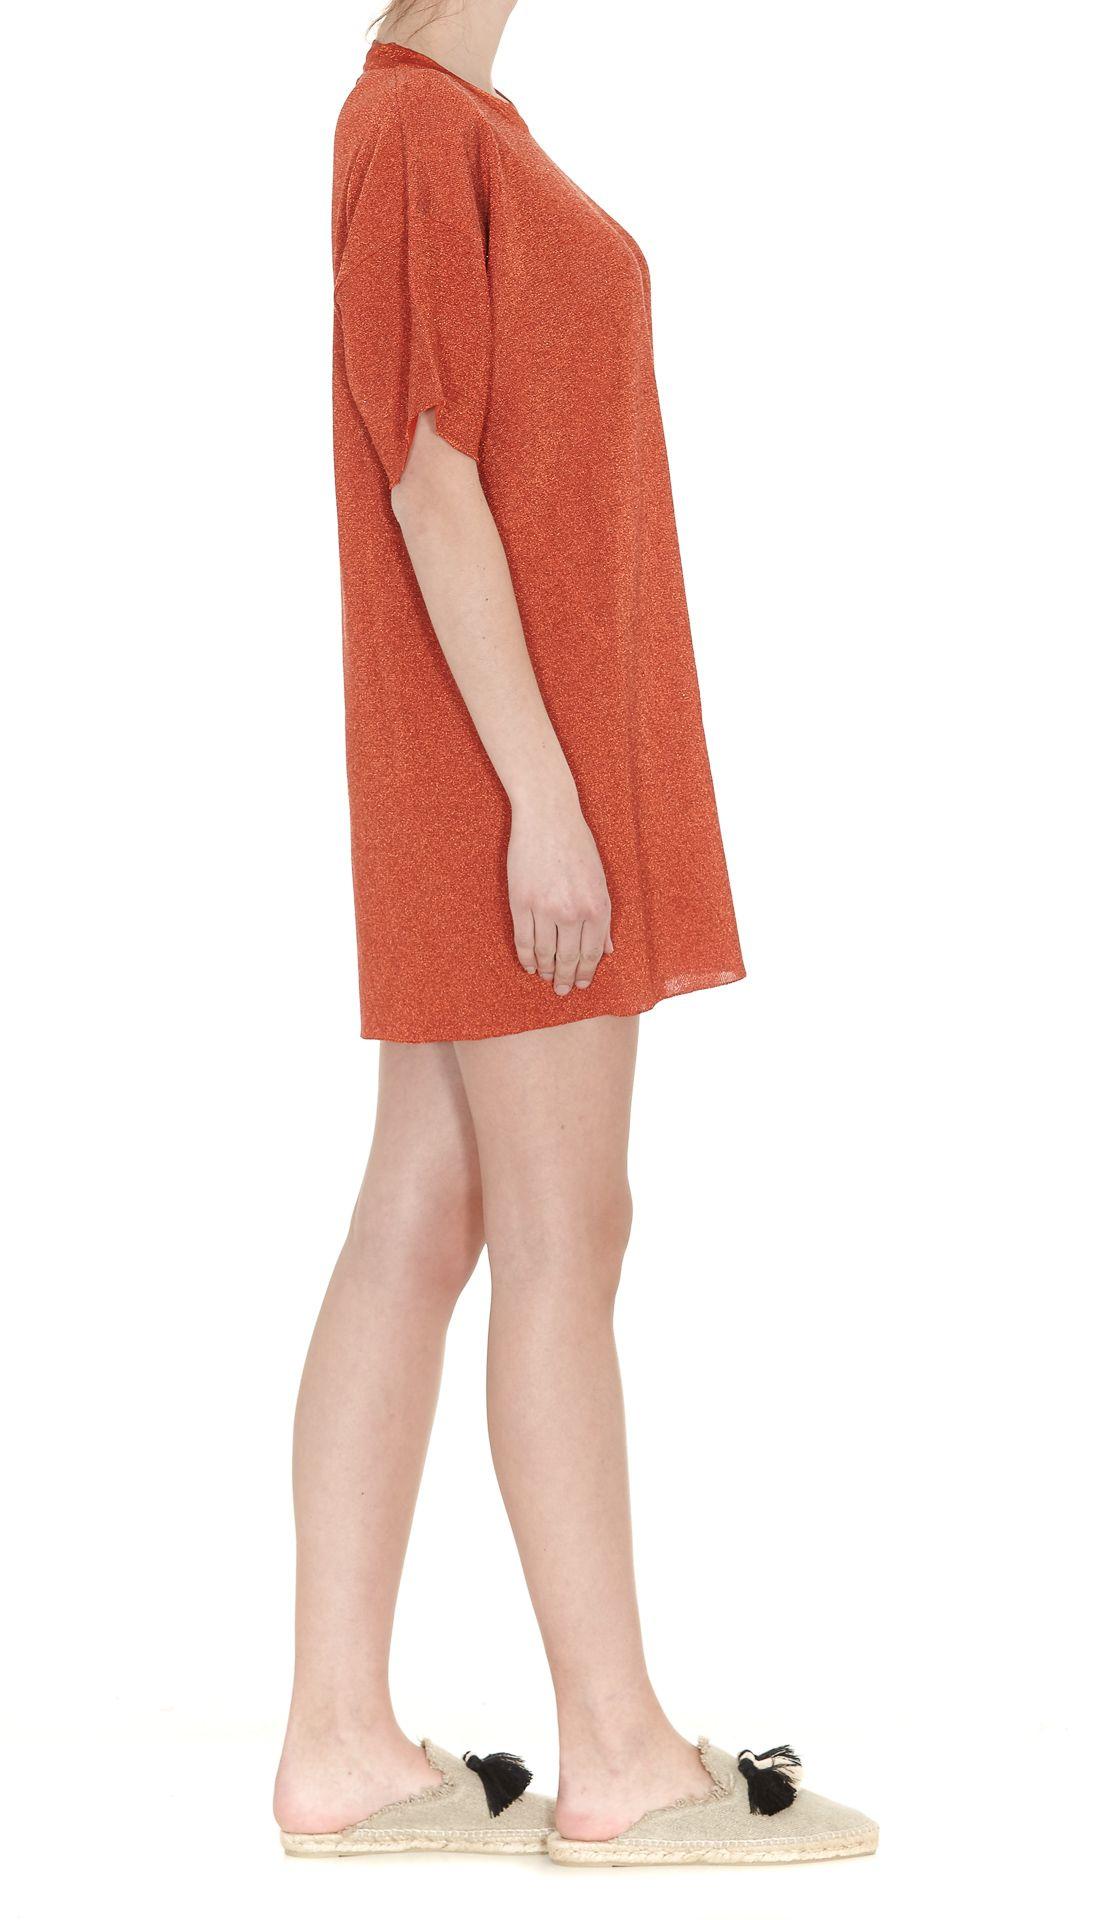 V-neck knit dress - Metallic Laneus rUyDhu